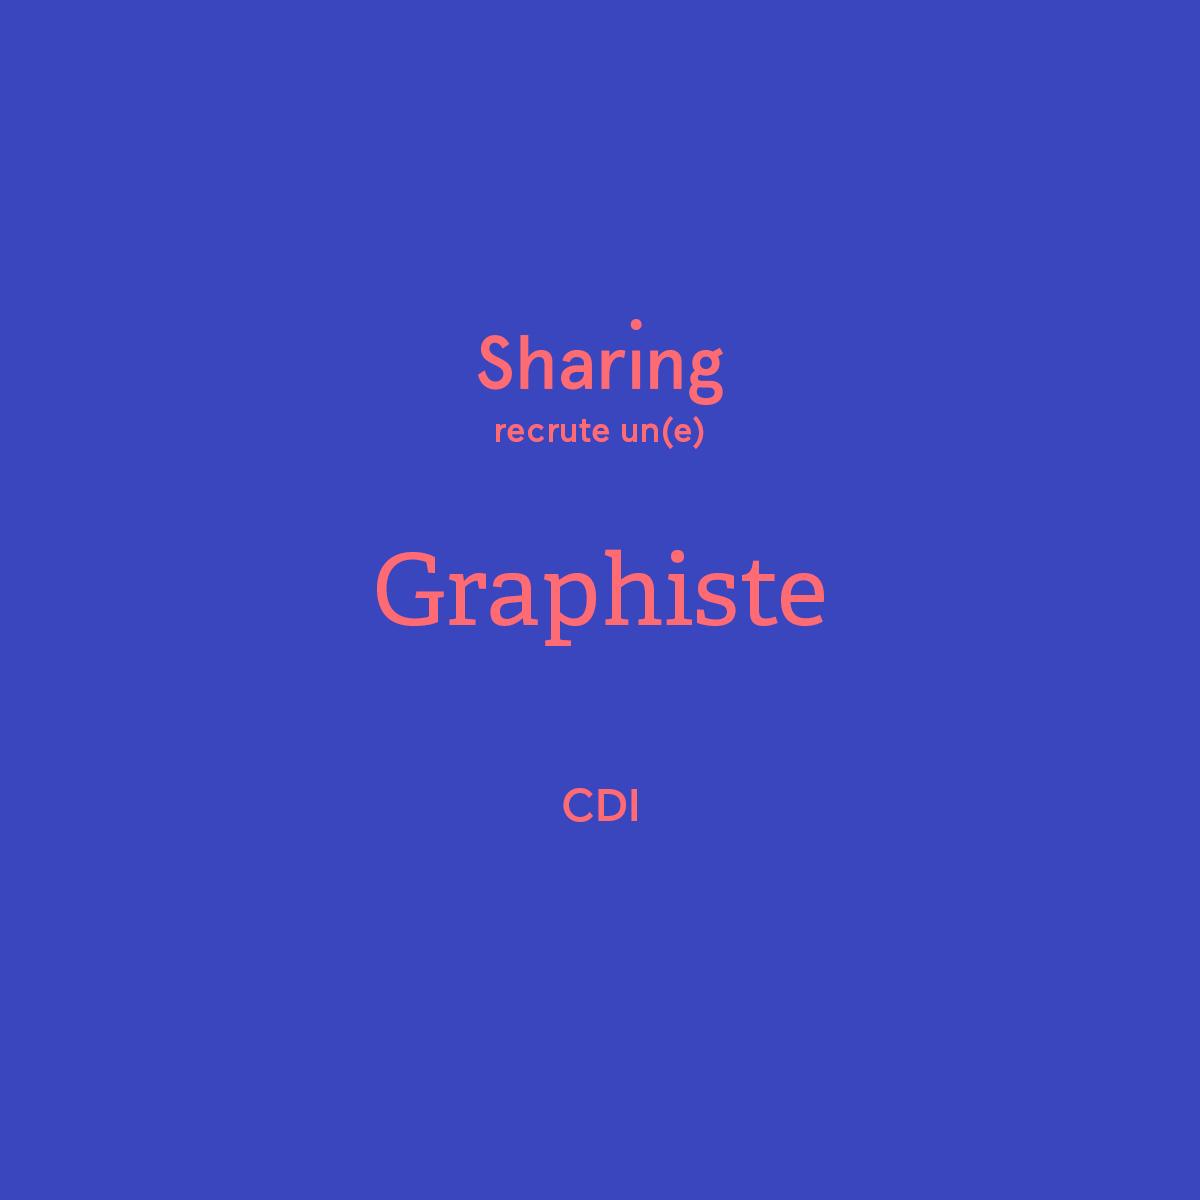 Annonce emploi graphiste réseaux sociaux sharing